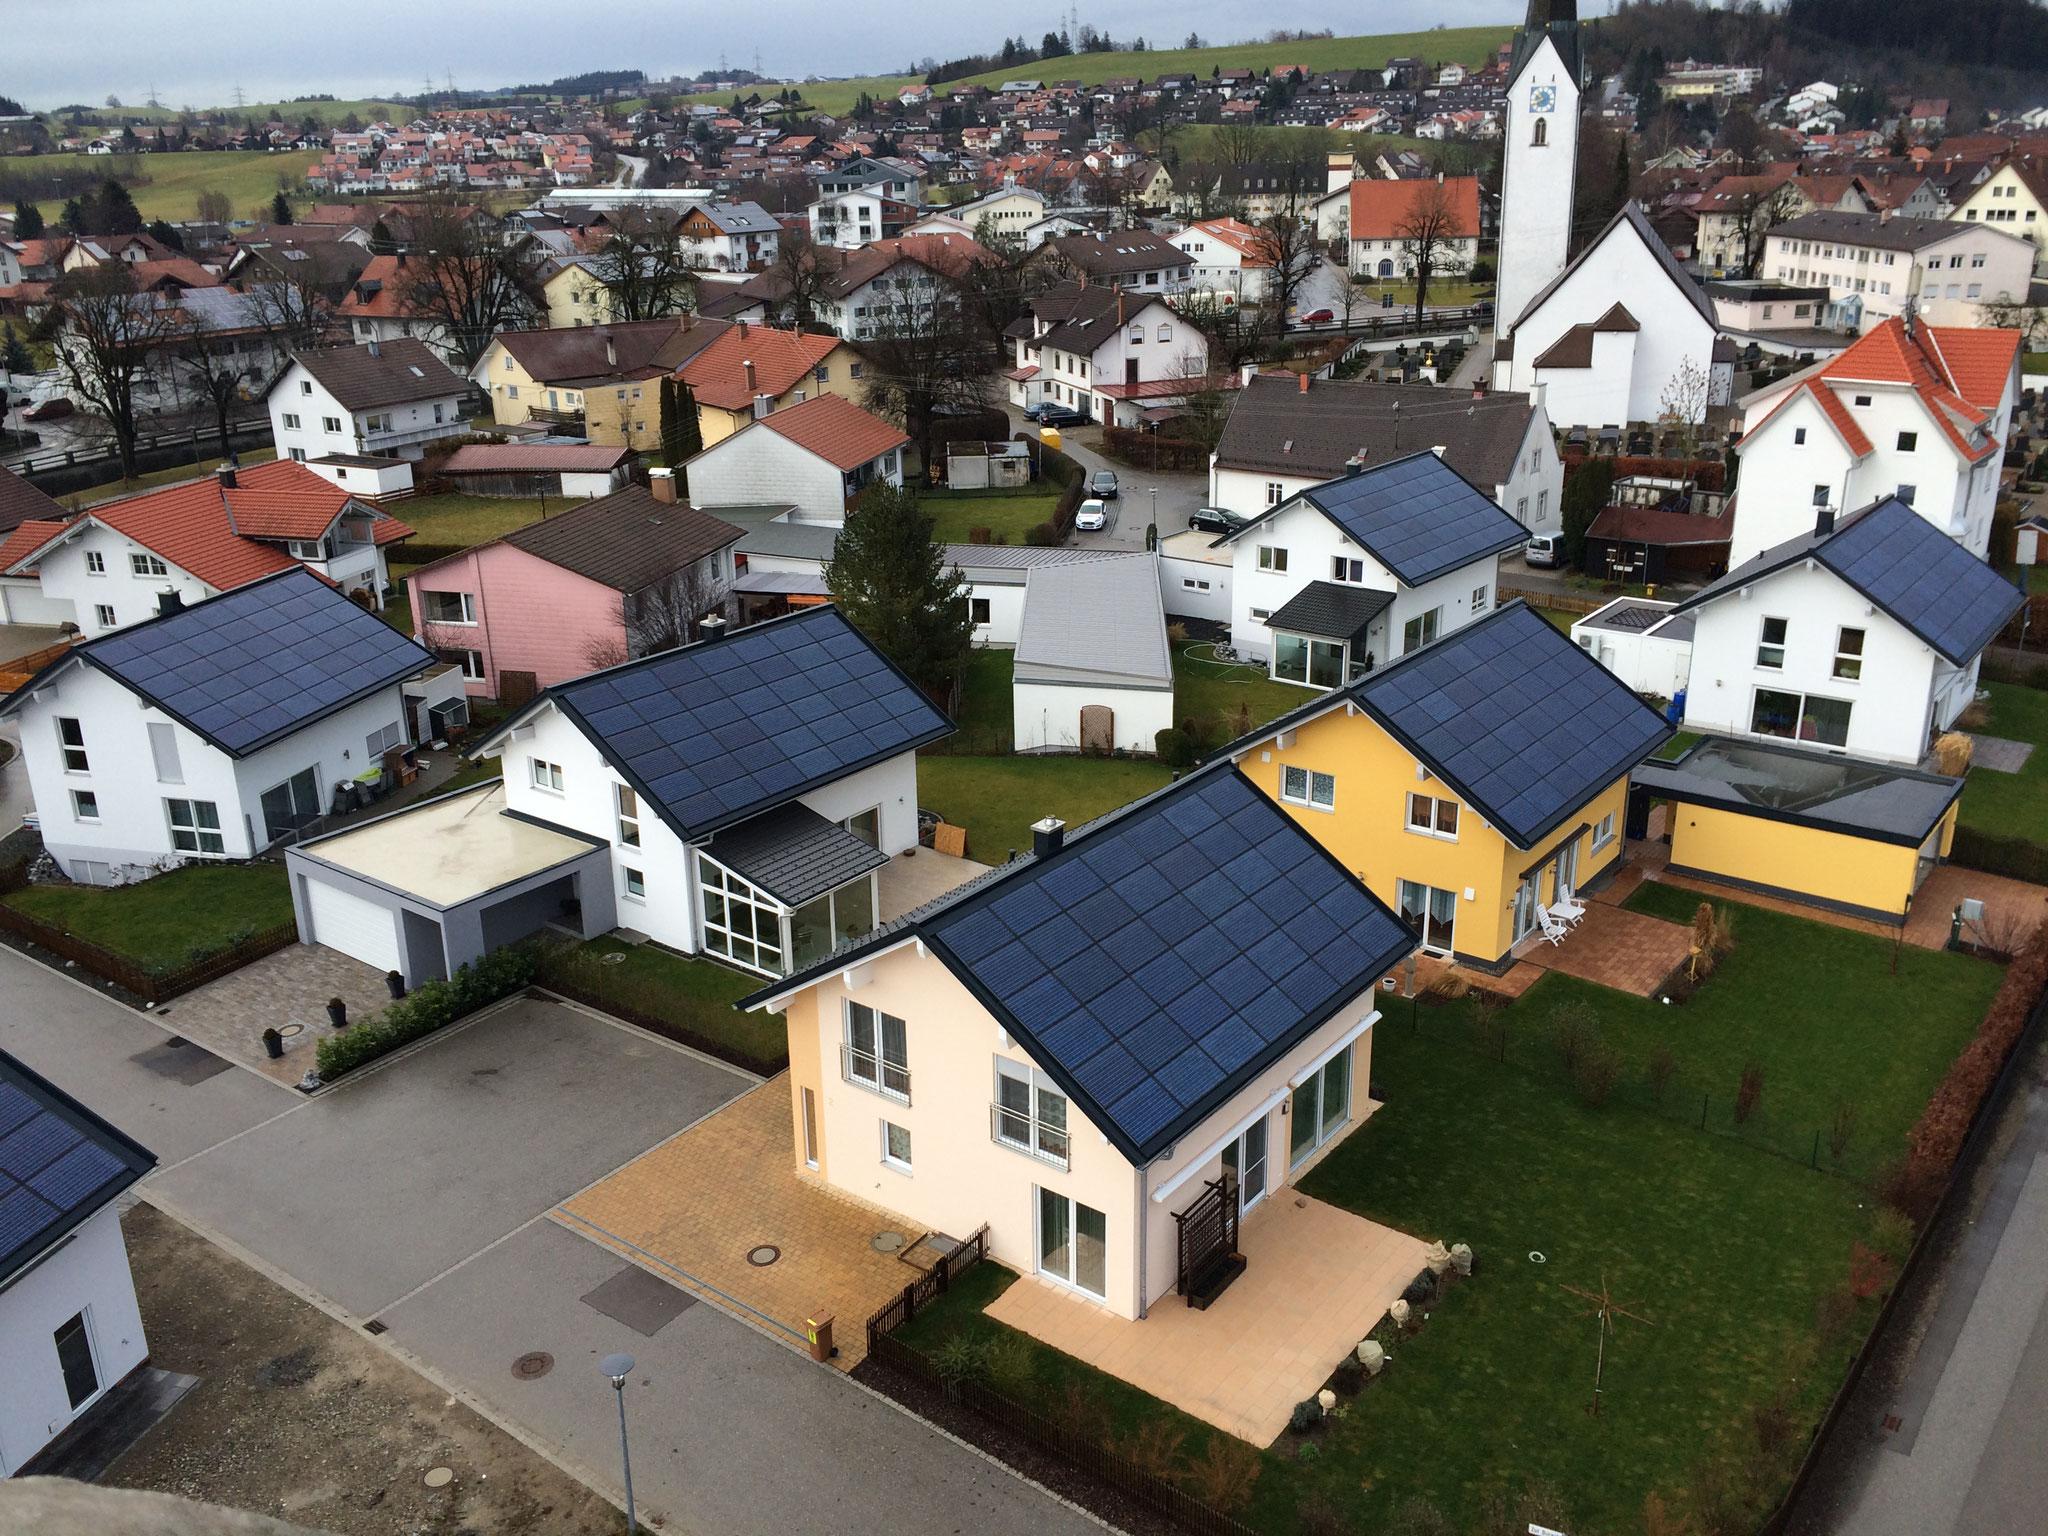 BV: Baugebiet Durach Häuser mit Indach-Photovoltaik